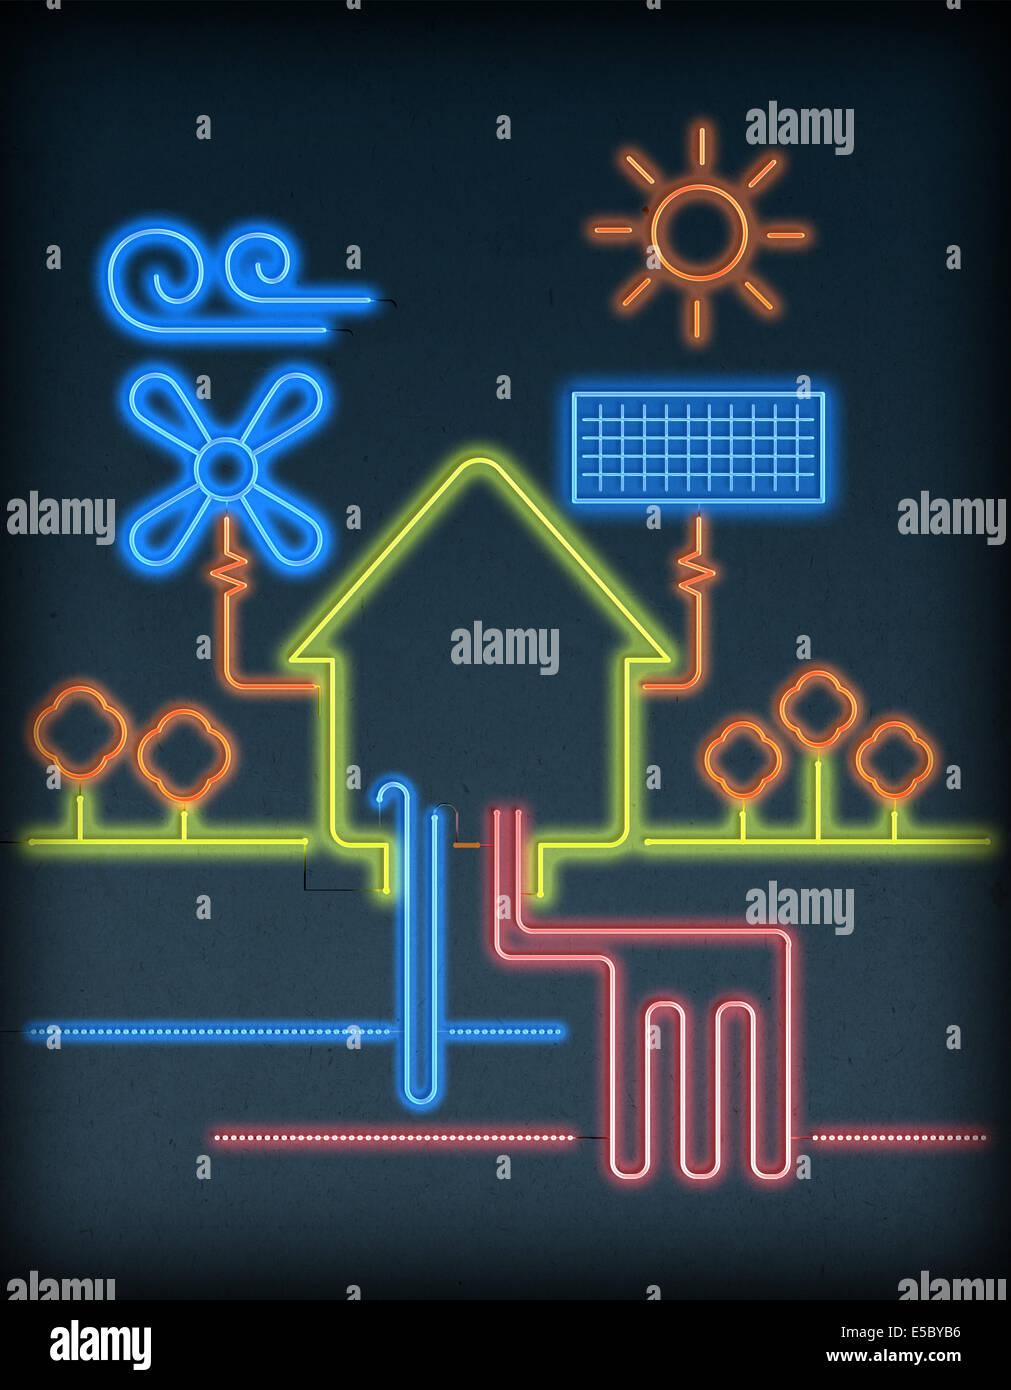 Außenillustration Haus verbunden mit natürlichen Energieressourcen auf grauem Hintergrund Stockbild